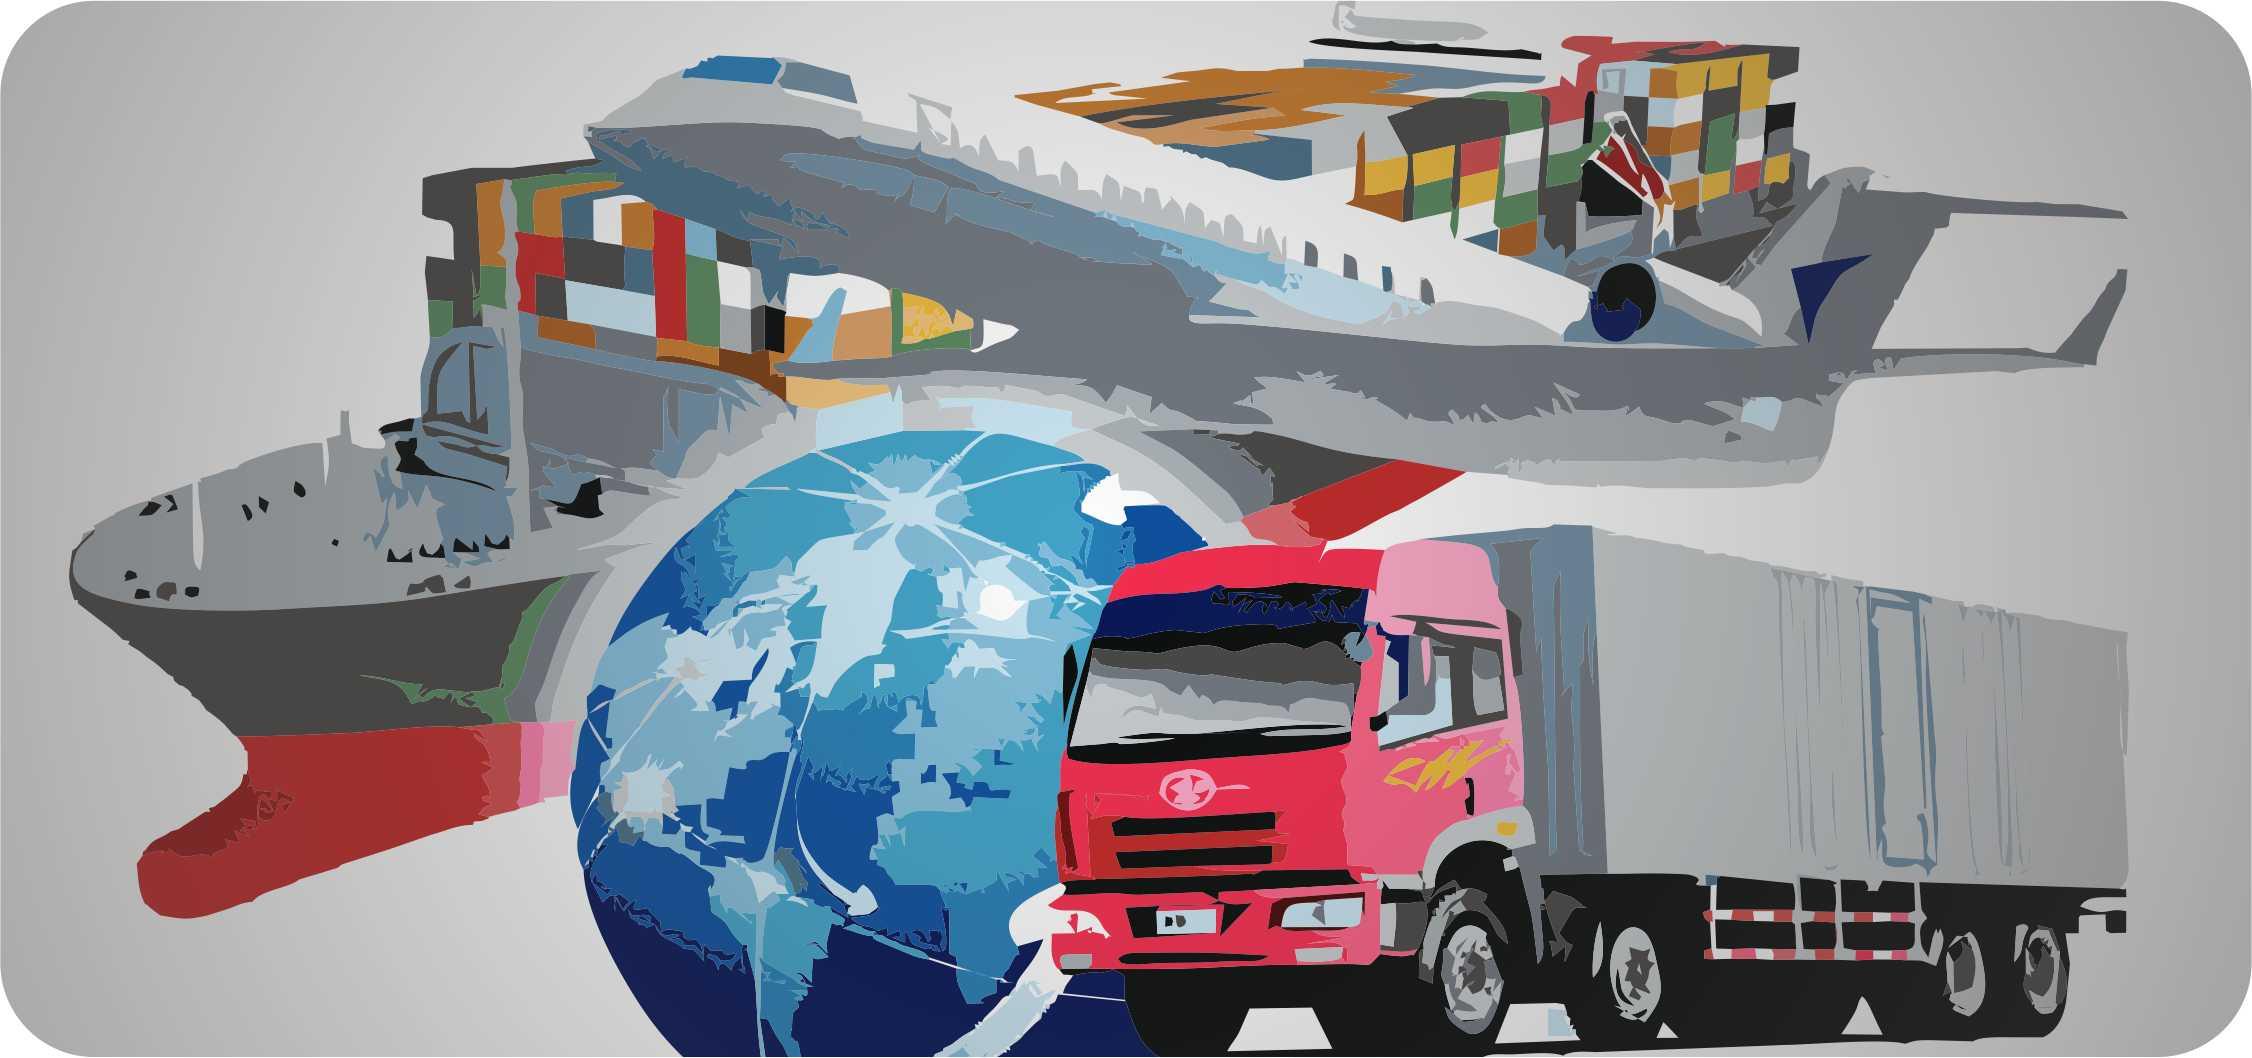 Ilustrasi Transportasi - WI